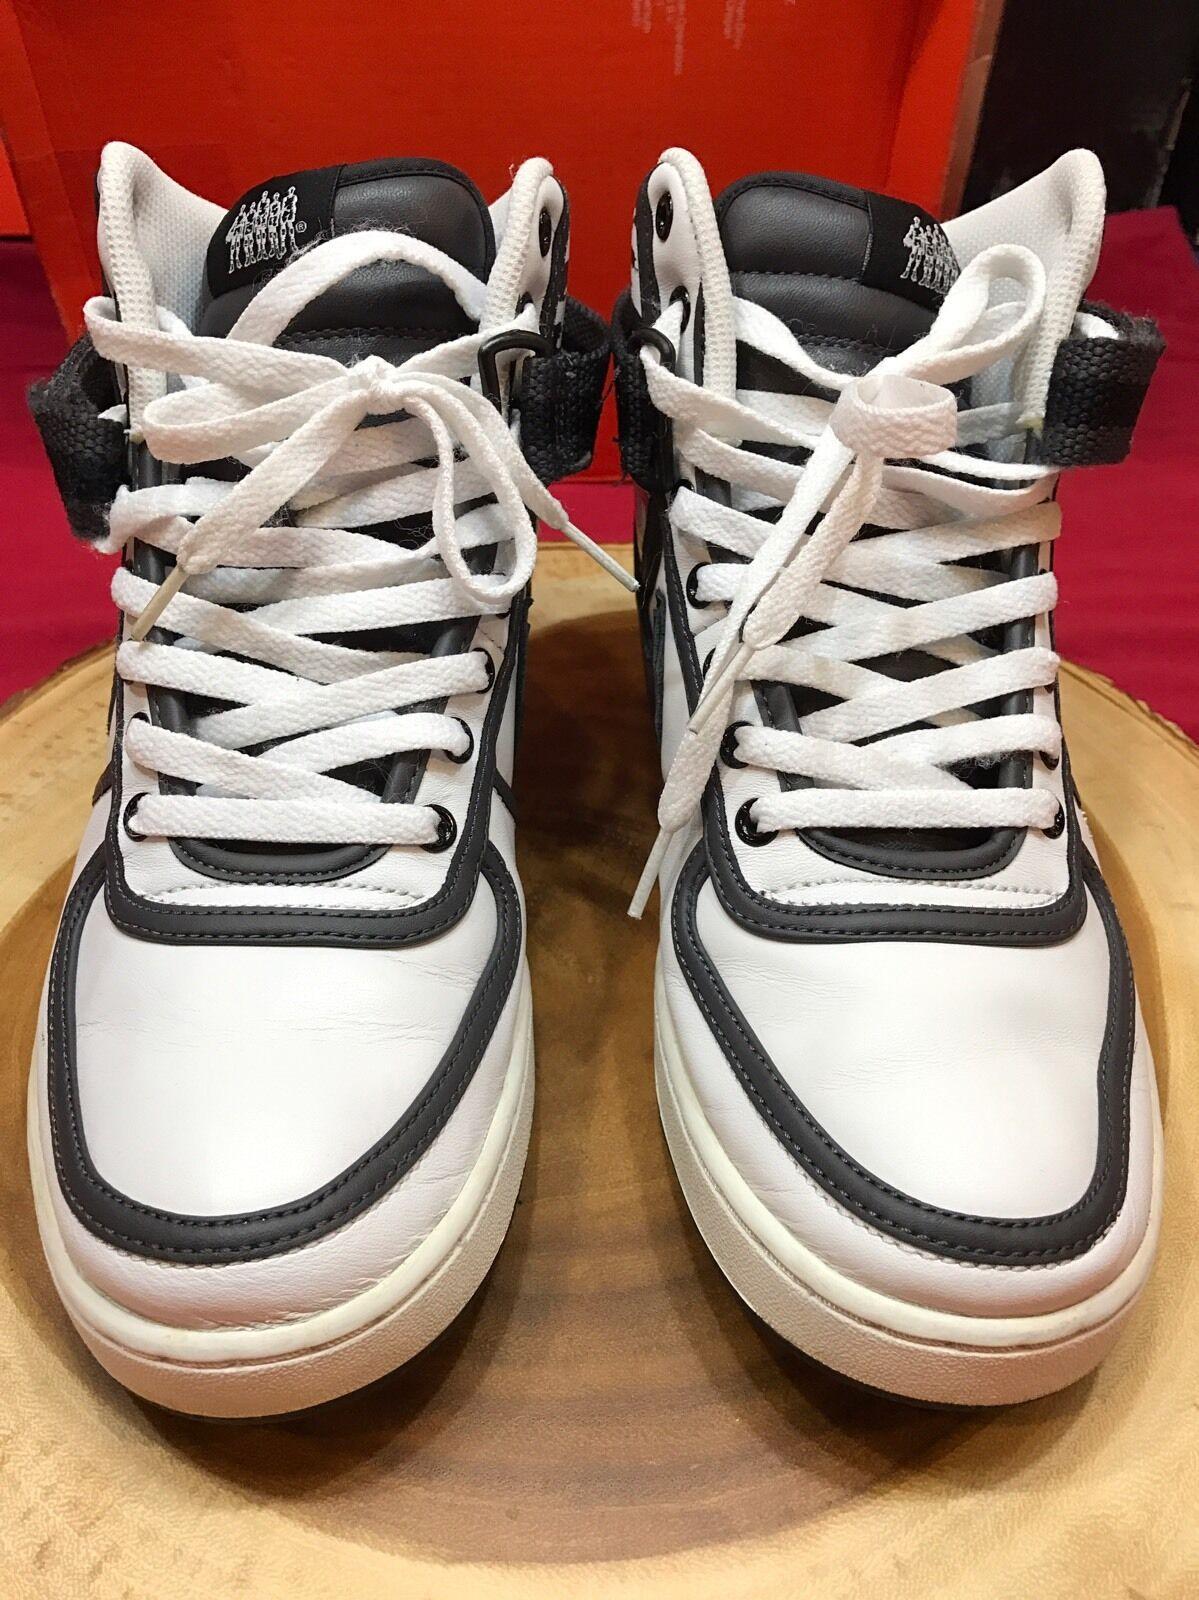 nike vandal haut noir et blanc taille 9,5 9,5 9,5 philadelphie philadelphie panthers jordan bfive | Terrific Value  20a90d